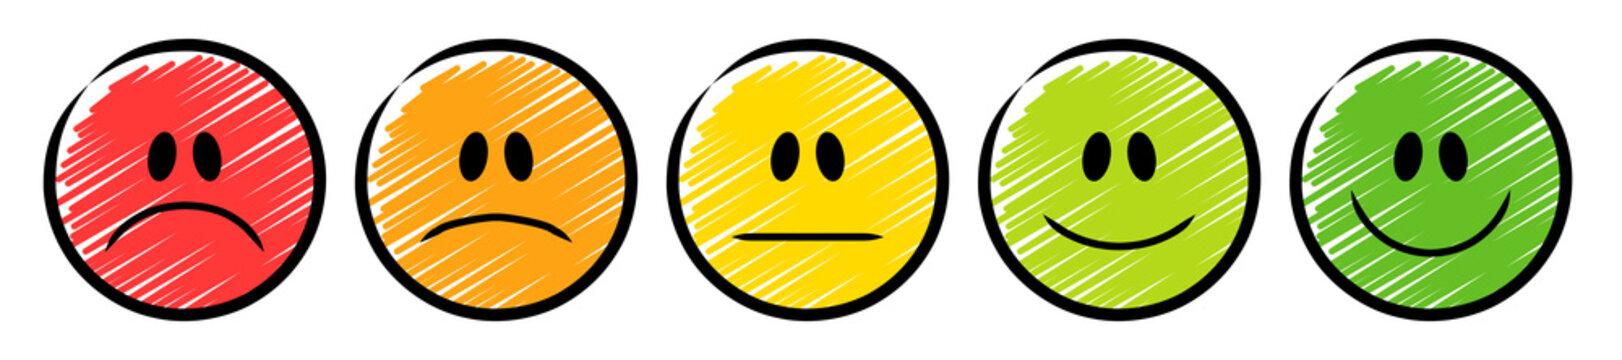 5 farbige Ampel-Smileys mit einer Emotions-Skala von traurig bis lächelnd / Schraffierte Vektor-Zeichnung